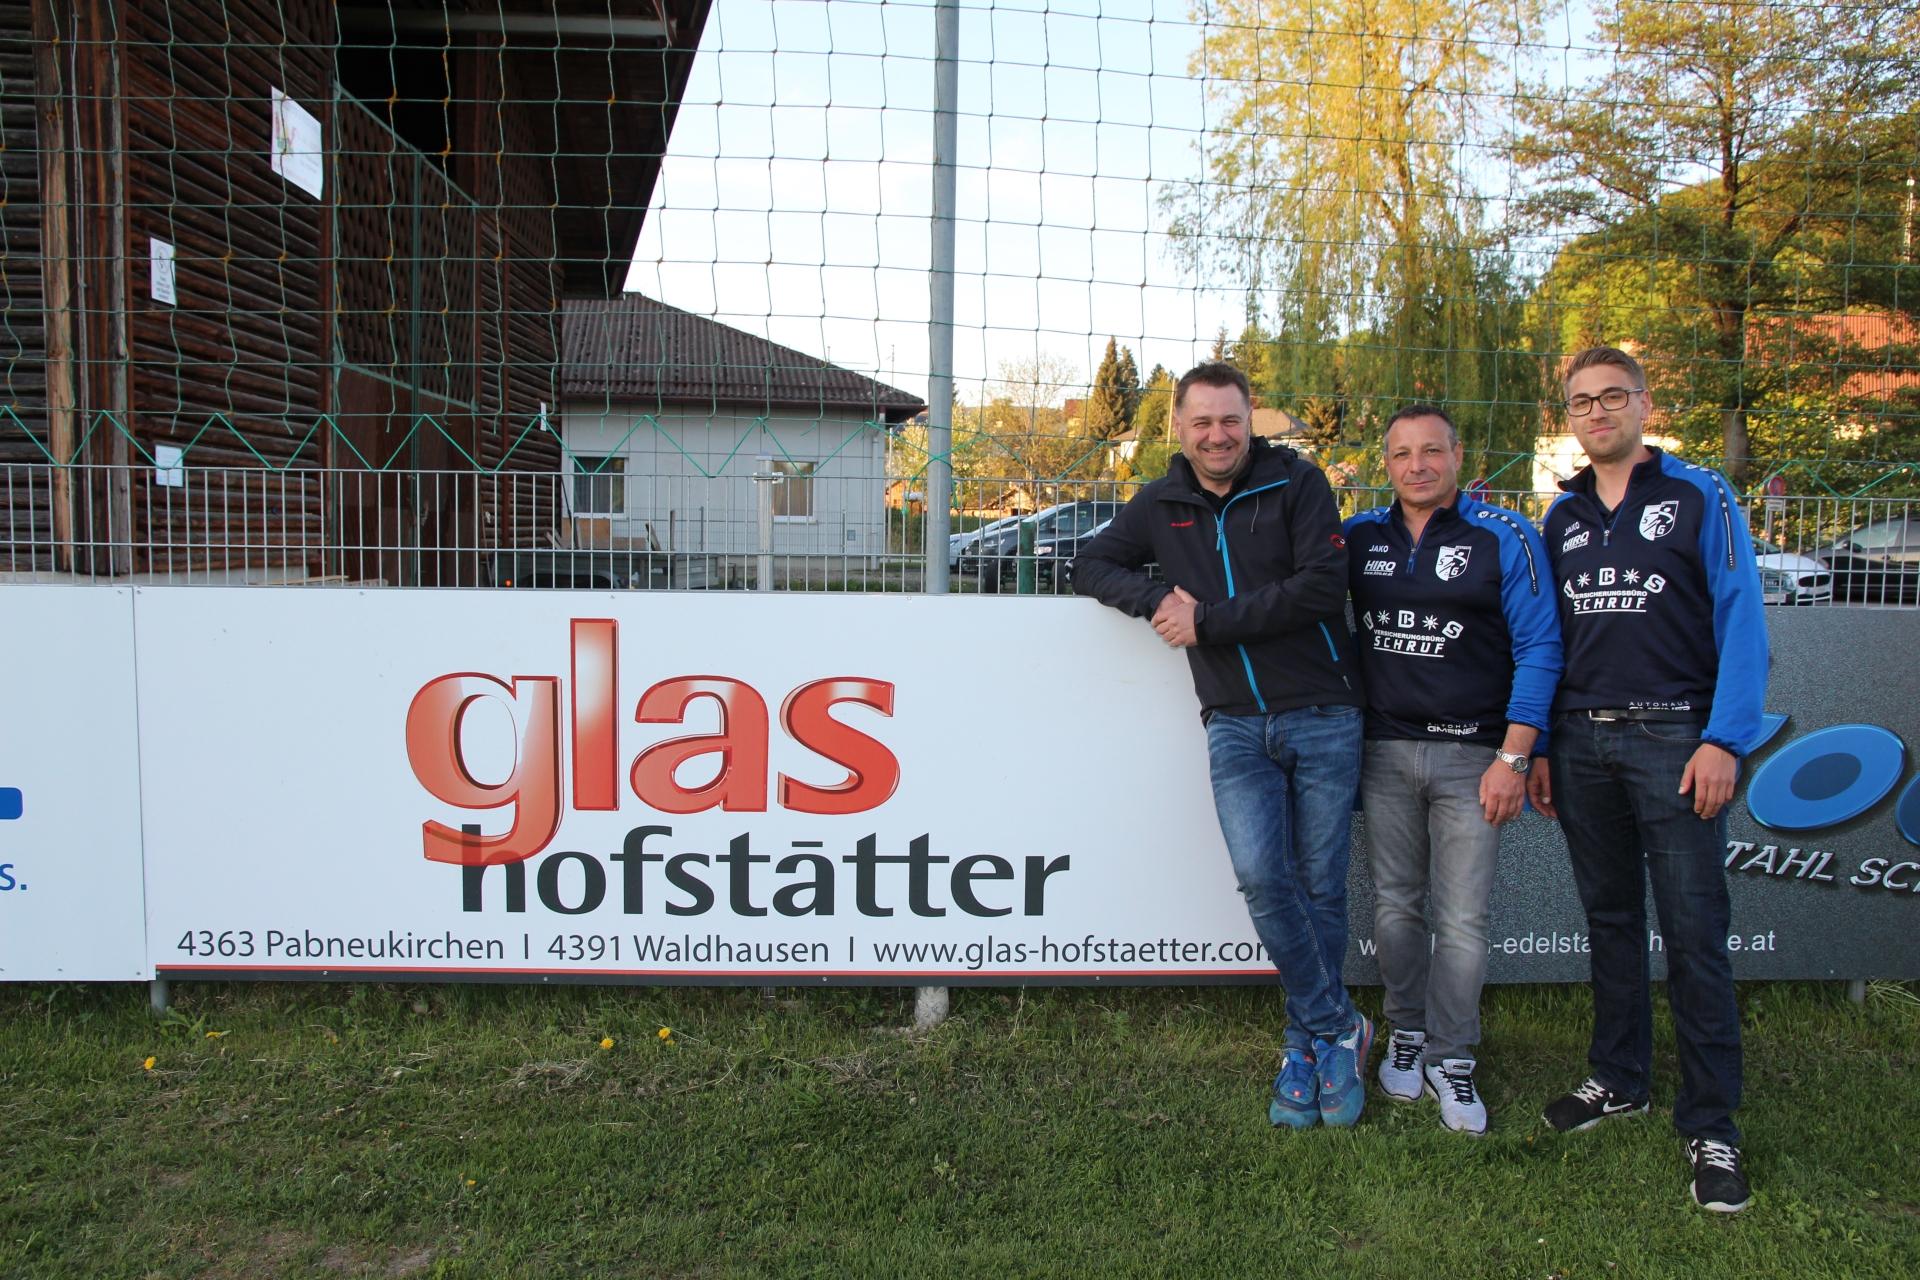 glas_hofstätter